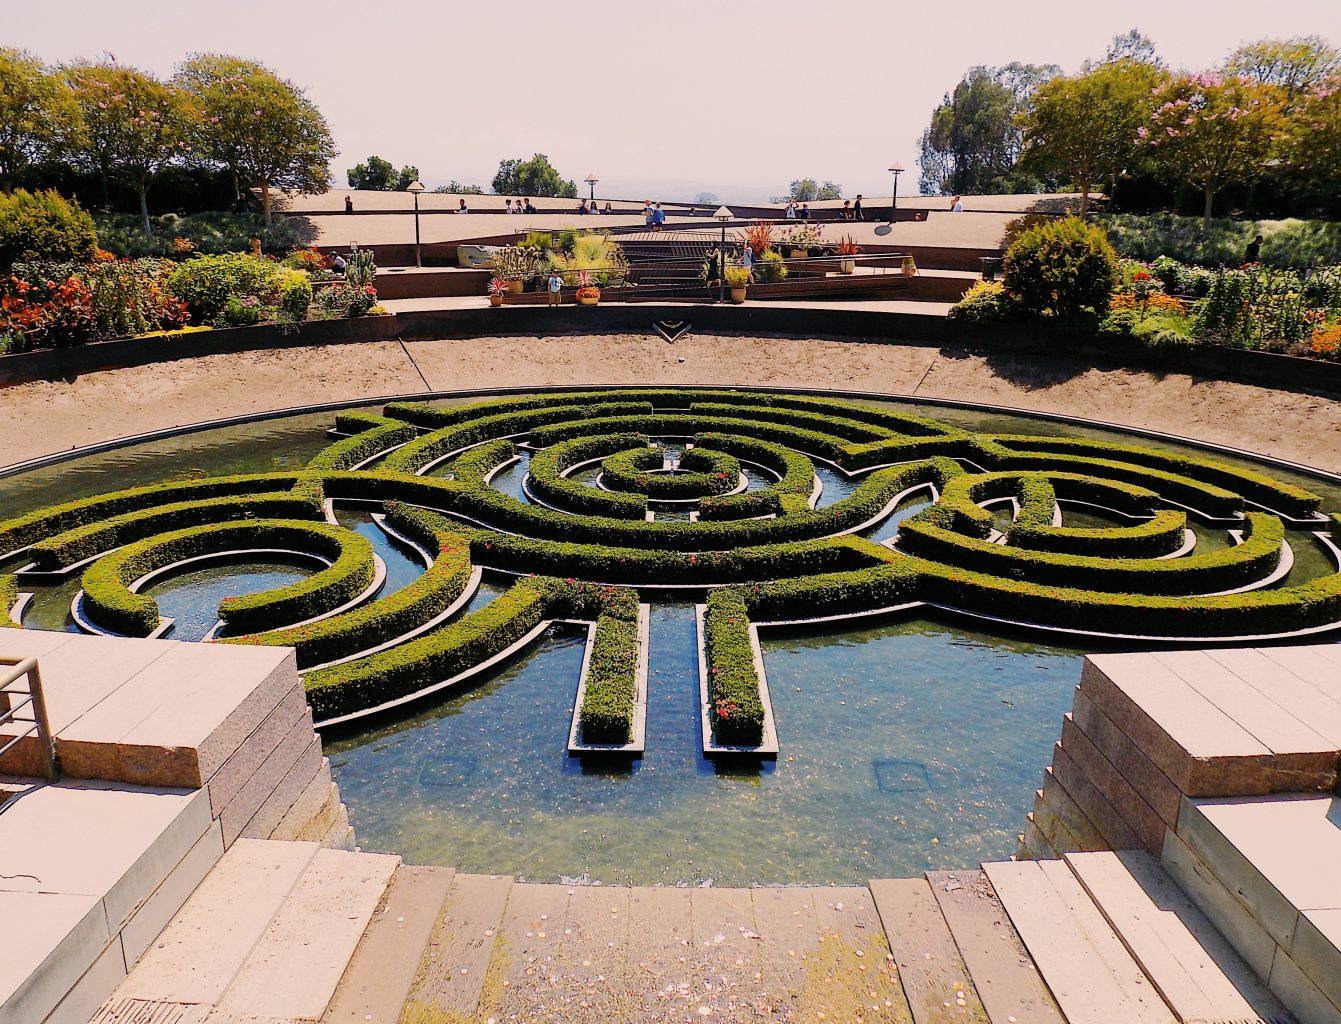 gardens getty center fountain beautiful wow